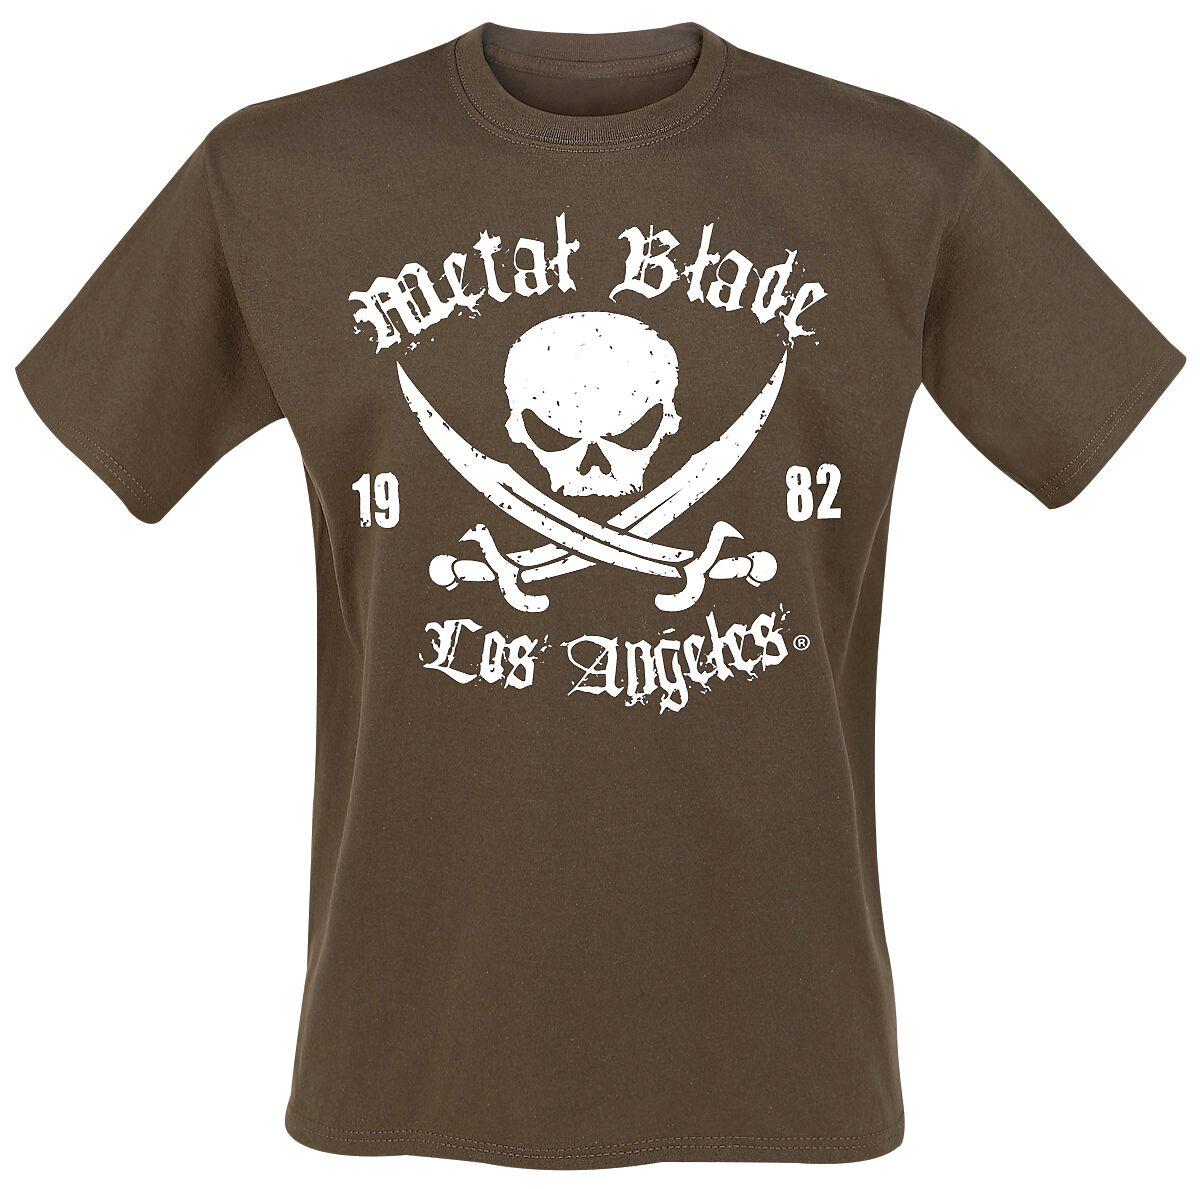 Merch dla Fanów - Koszulki - T-Shirt Metal Blade Pirate Logo T-Shirt brązowy - 298364